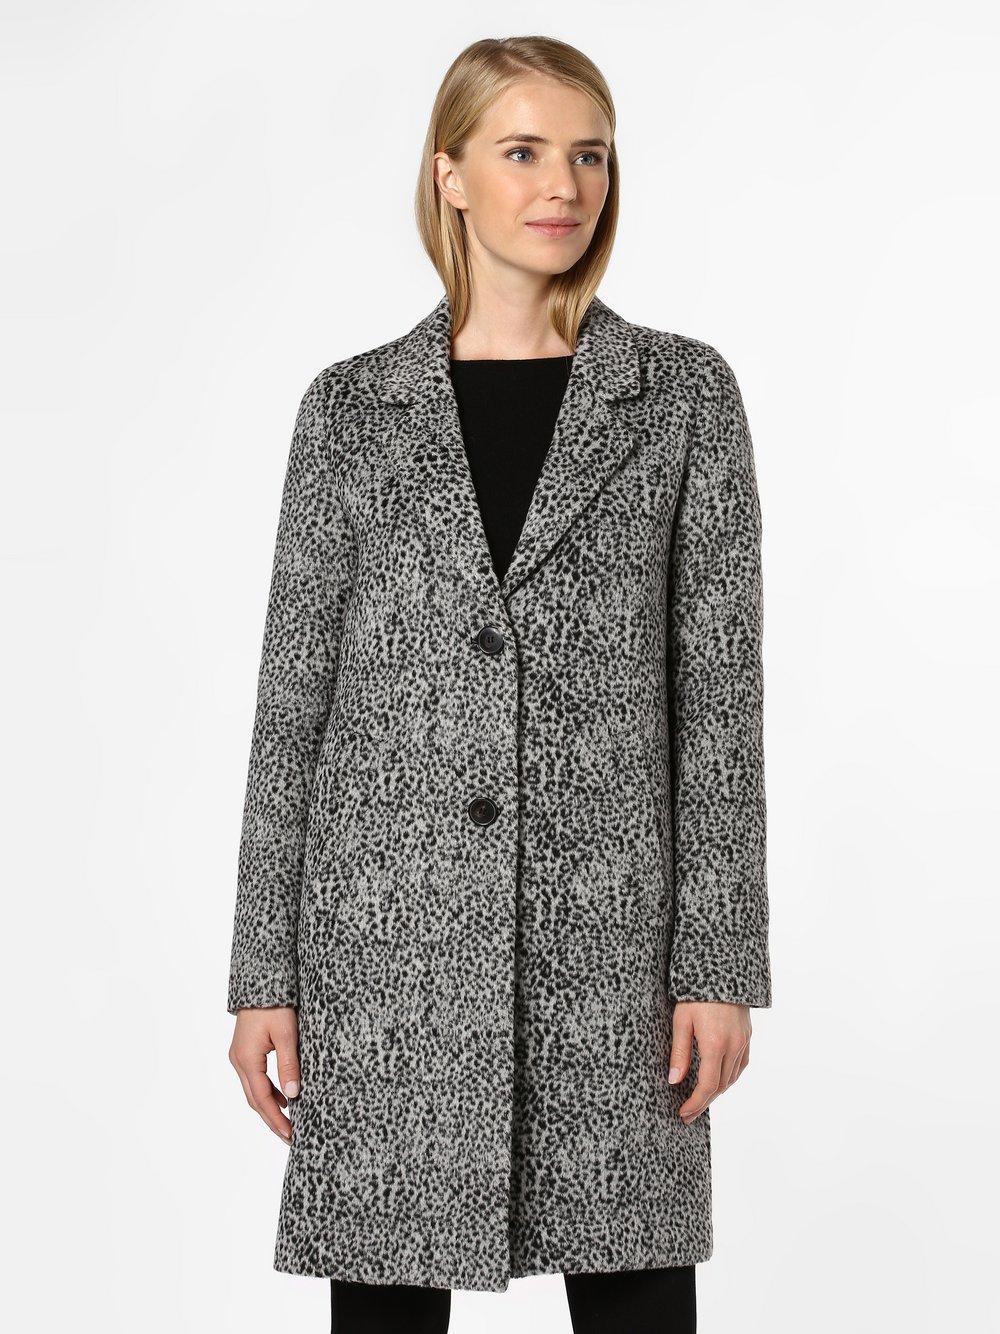 Esprit Collection – Płaszcz damski, szary Van Graaf 452104-0001-09900